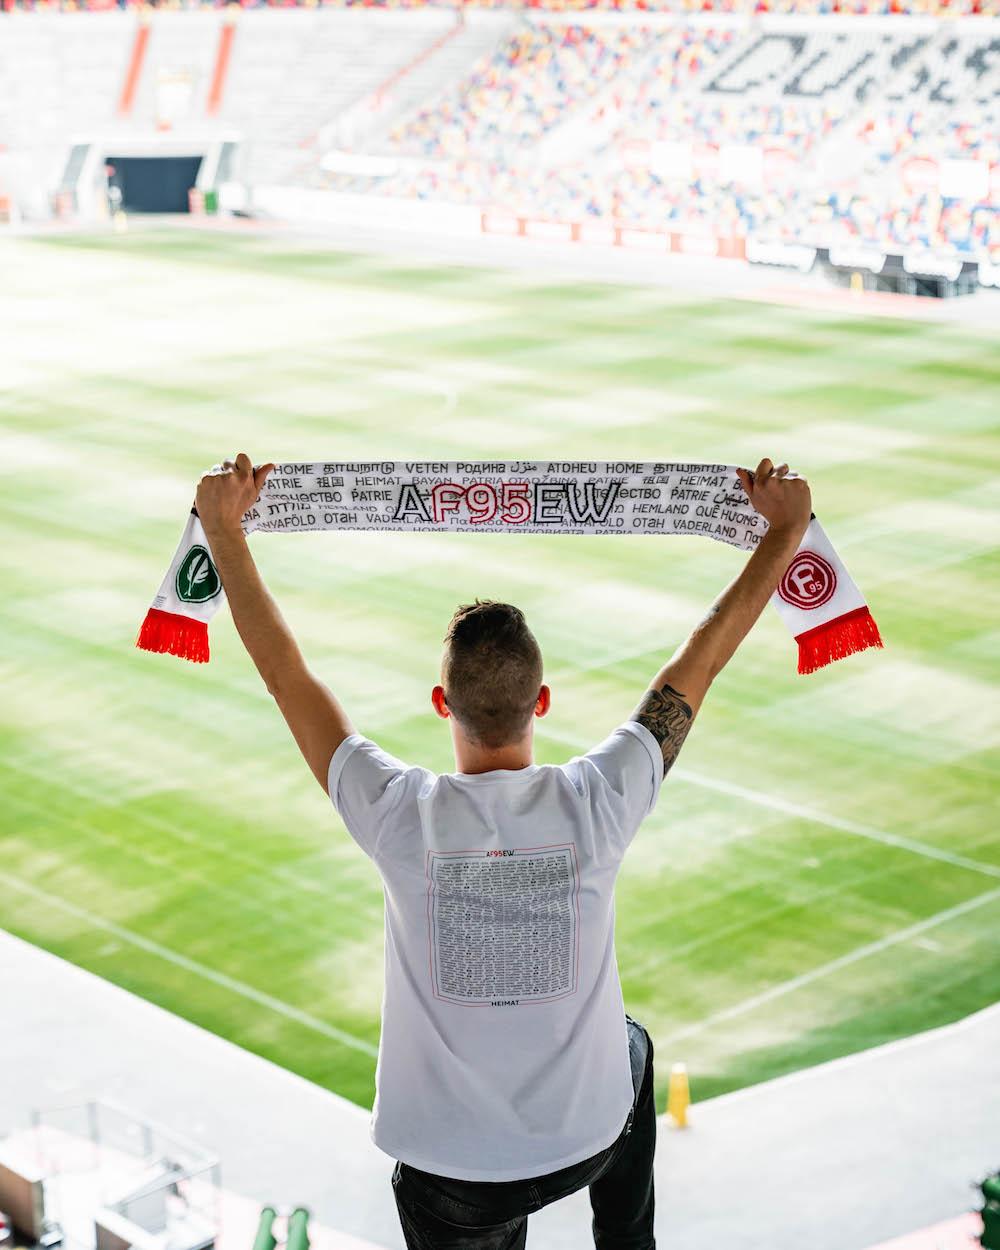 AFEW_x_Mizuno_x_Fortuna_Stadion_HighRes-23